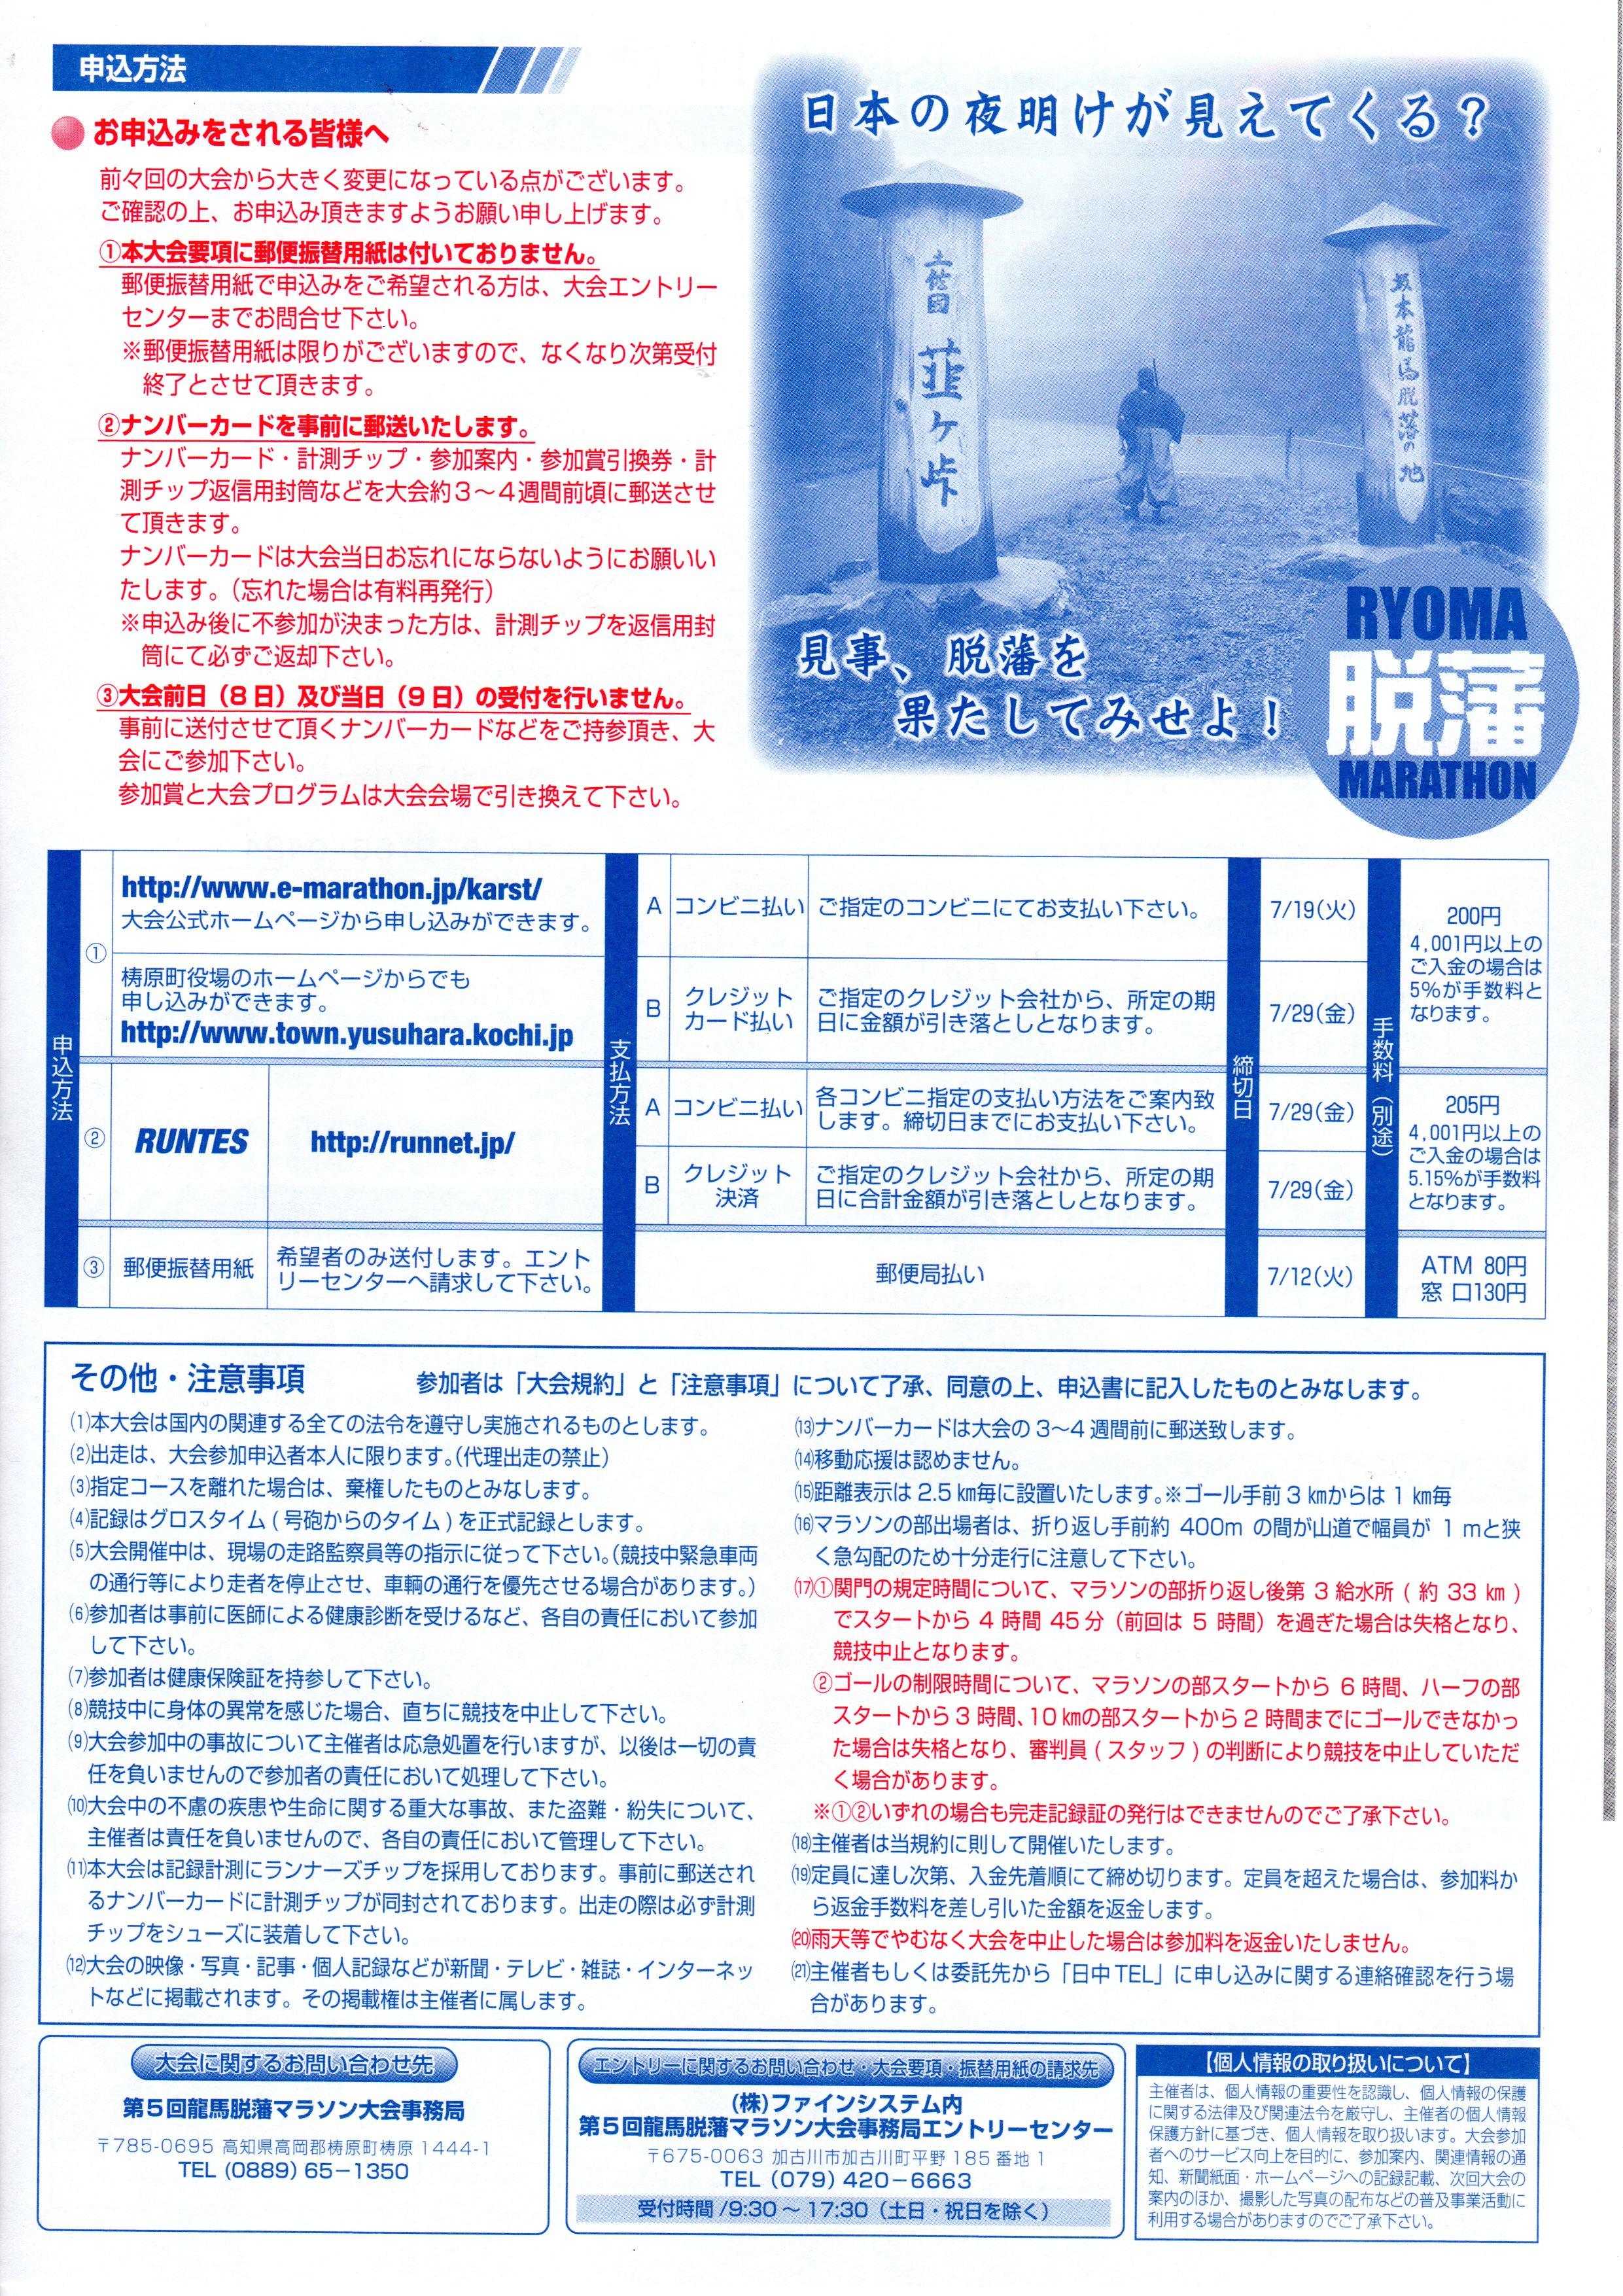 龍馬脱藩マラソン詳細201